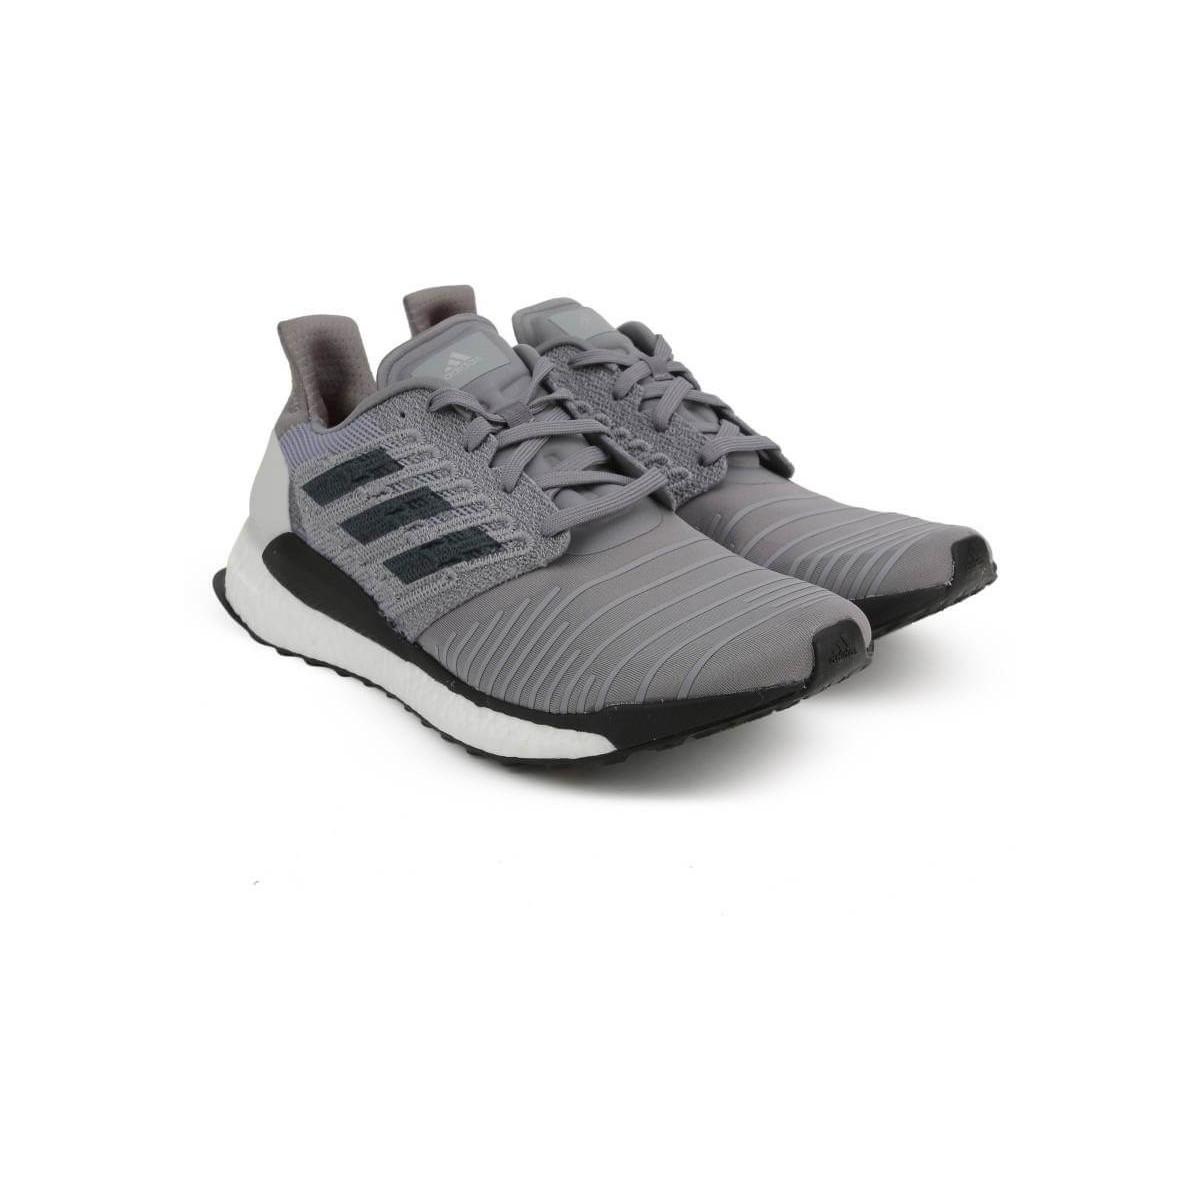 29d866459ed Zapatillas Adidas Solar Boost Gris Negro Blanco OI18